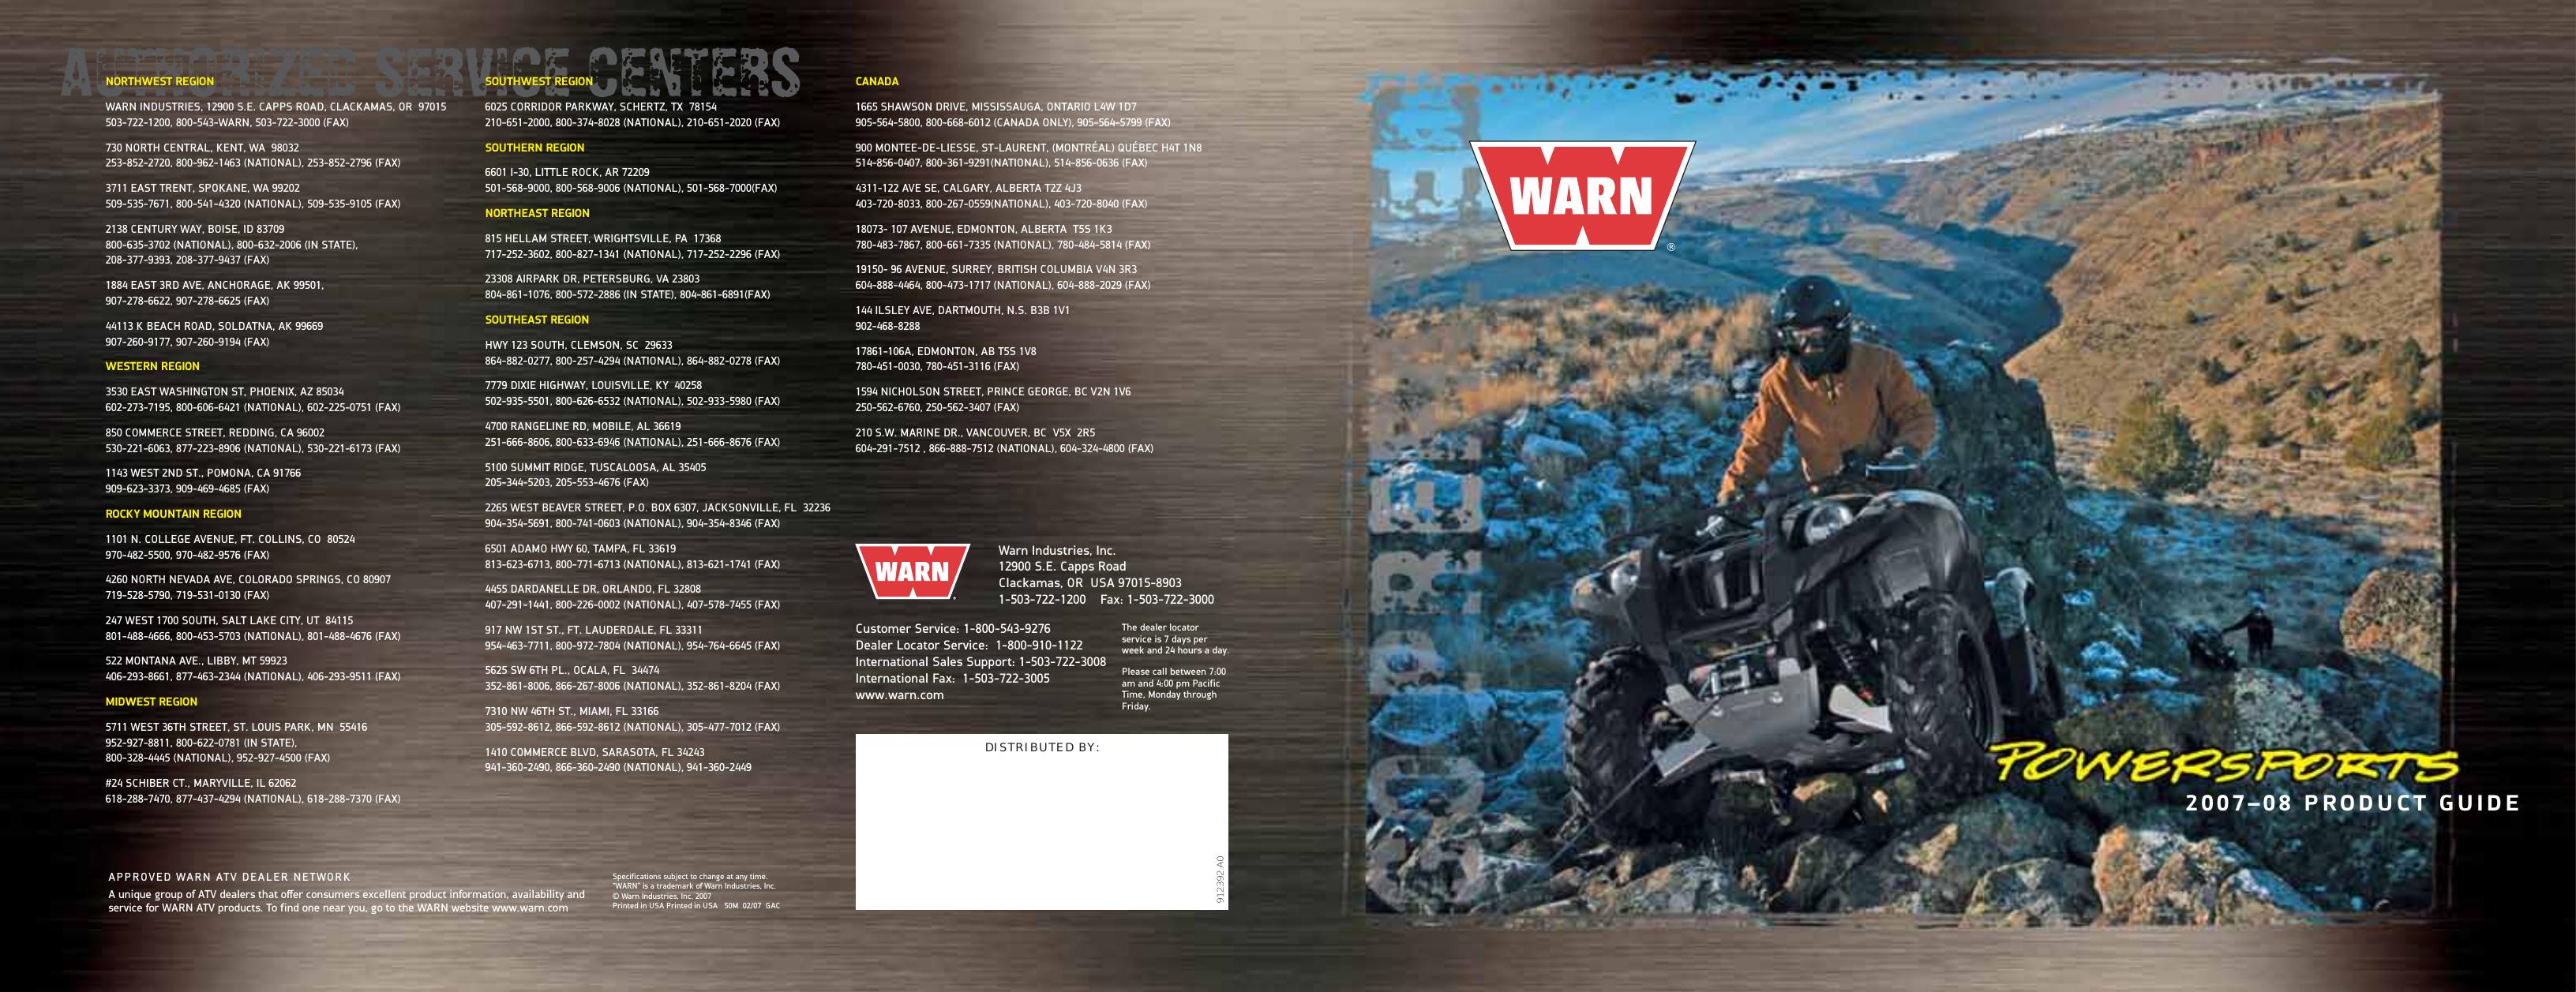 WARN 64851 Mini Rocker Switch RT25 RT30 XT25 XT30 3.0ci 2.5ci ATV Quad Winch